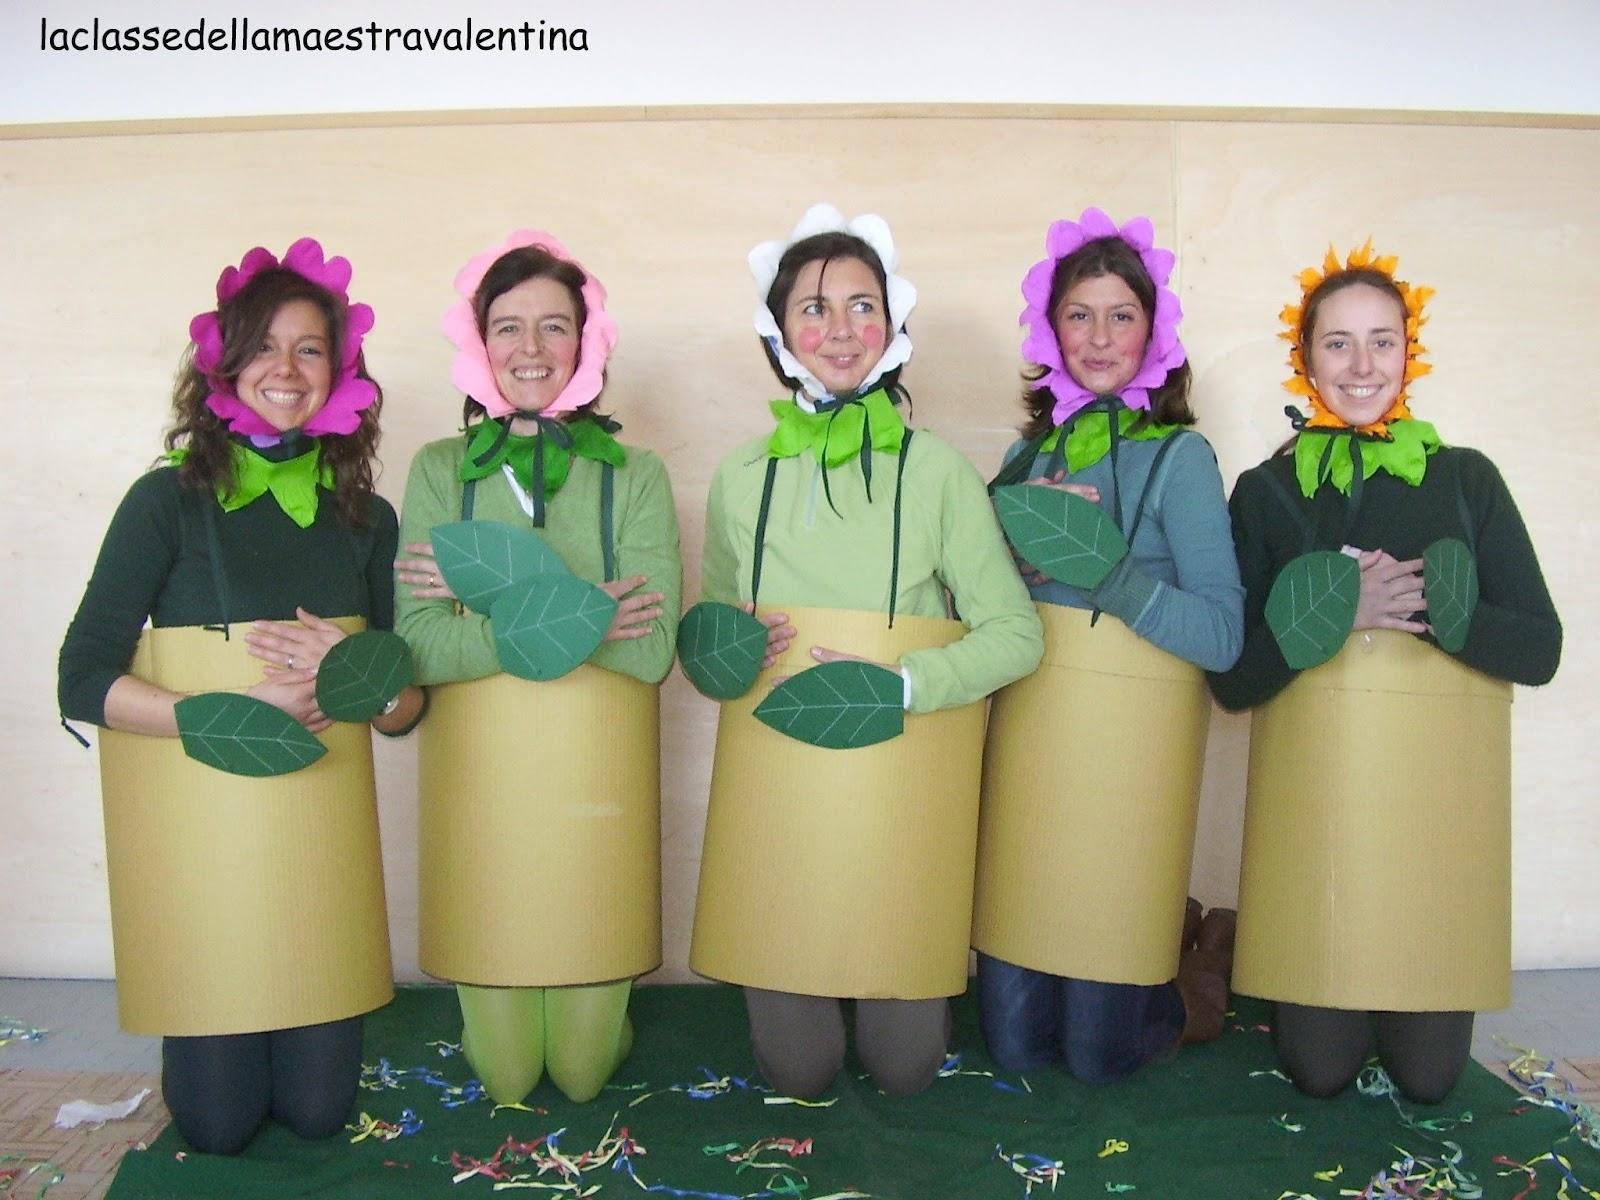 La classe della maestra valentina la festa di carnevale for La maestra valentina